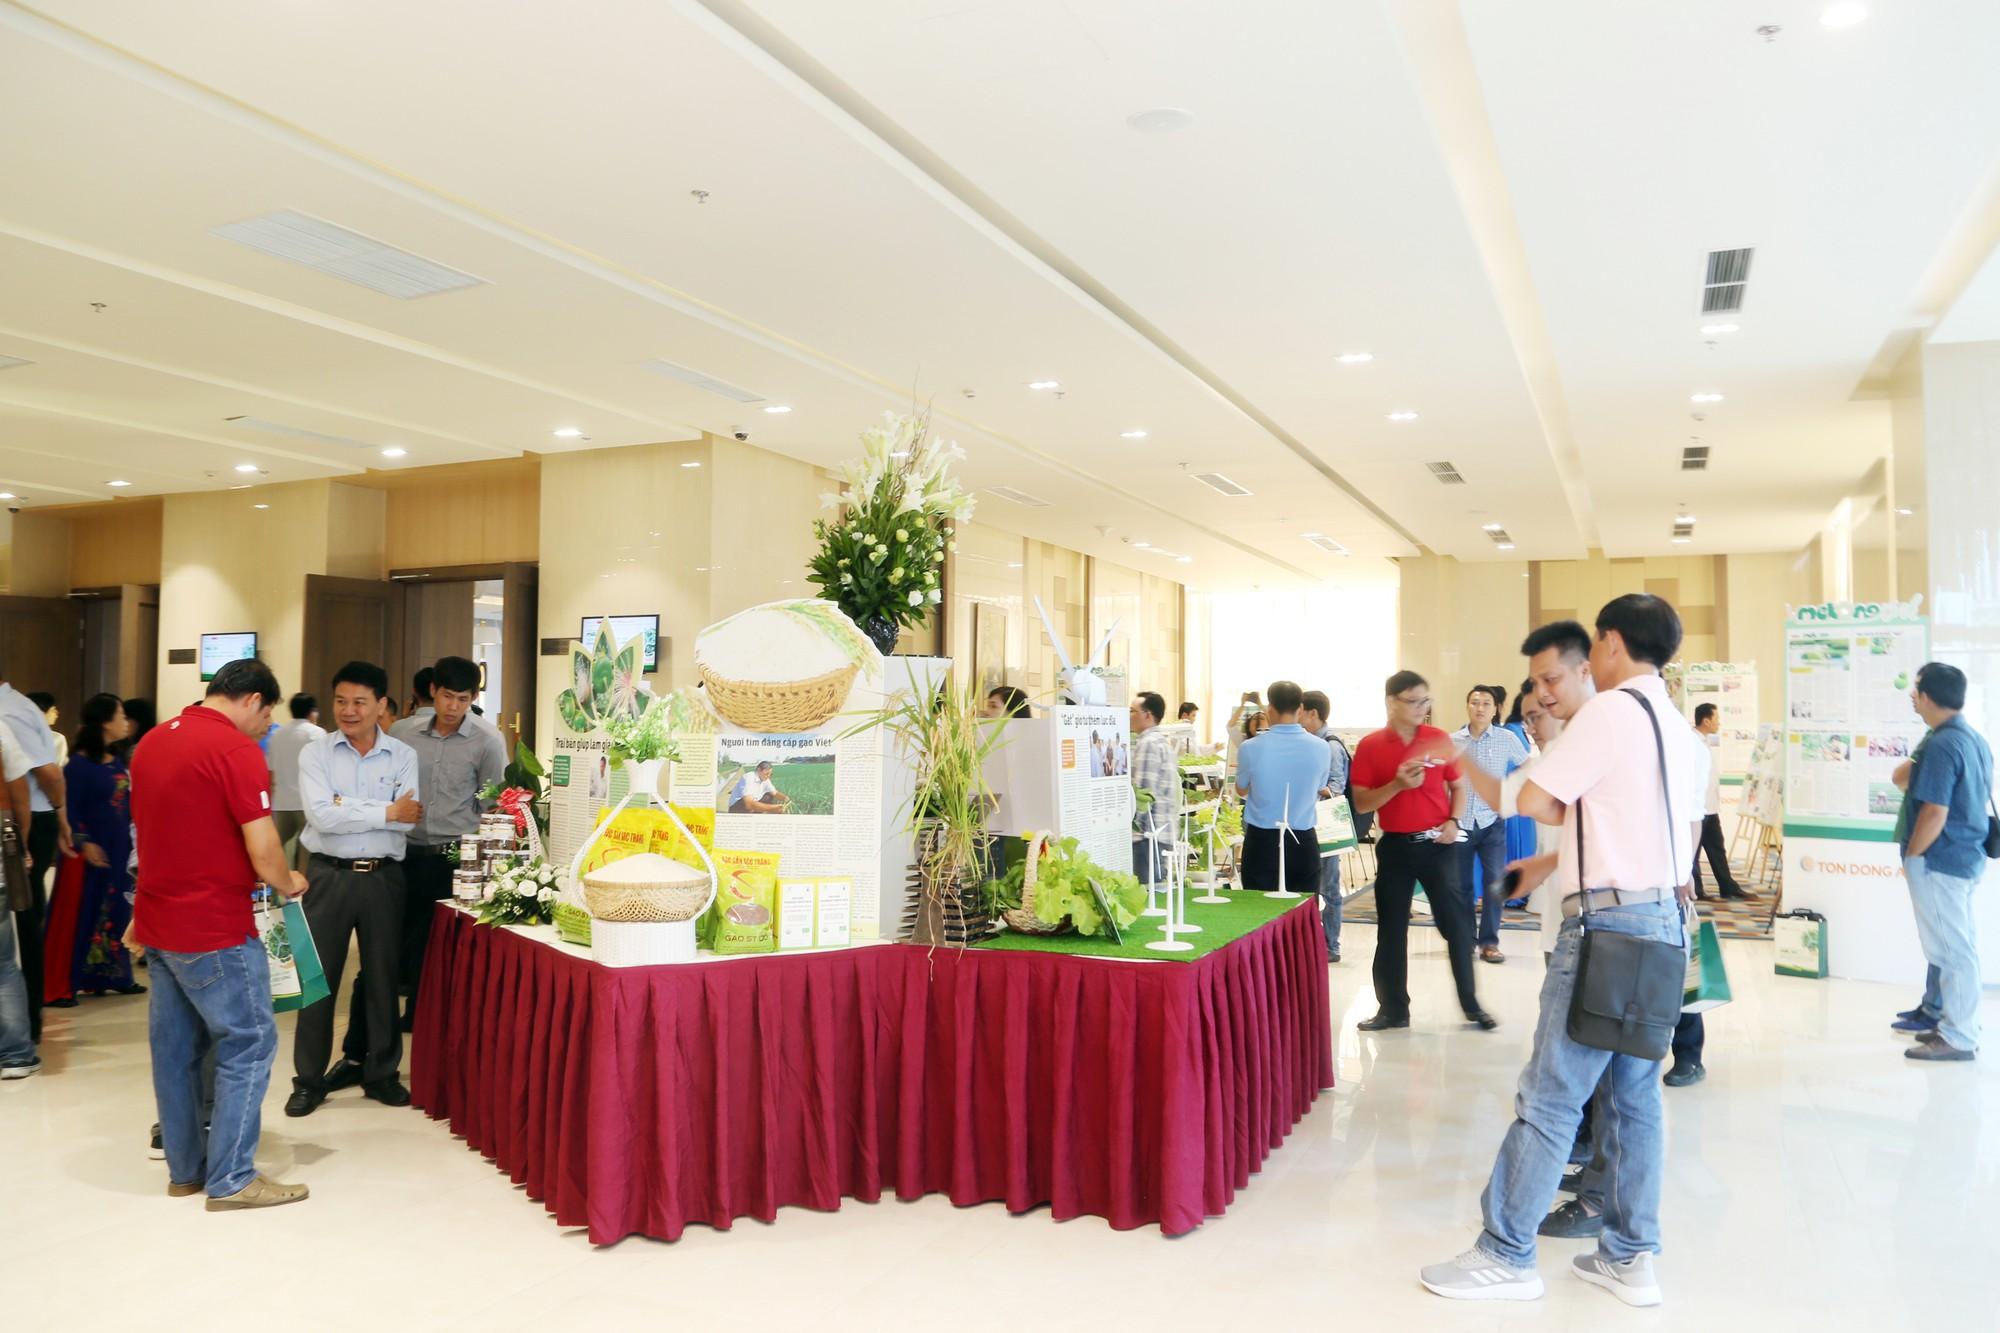 MeKong Xanh - Cùng xây cuộc sống xanh - Ảnh 5.